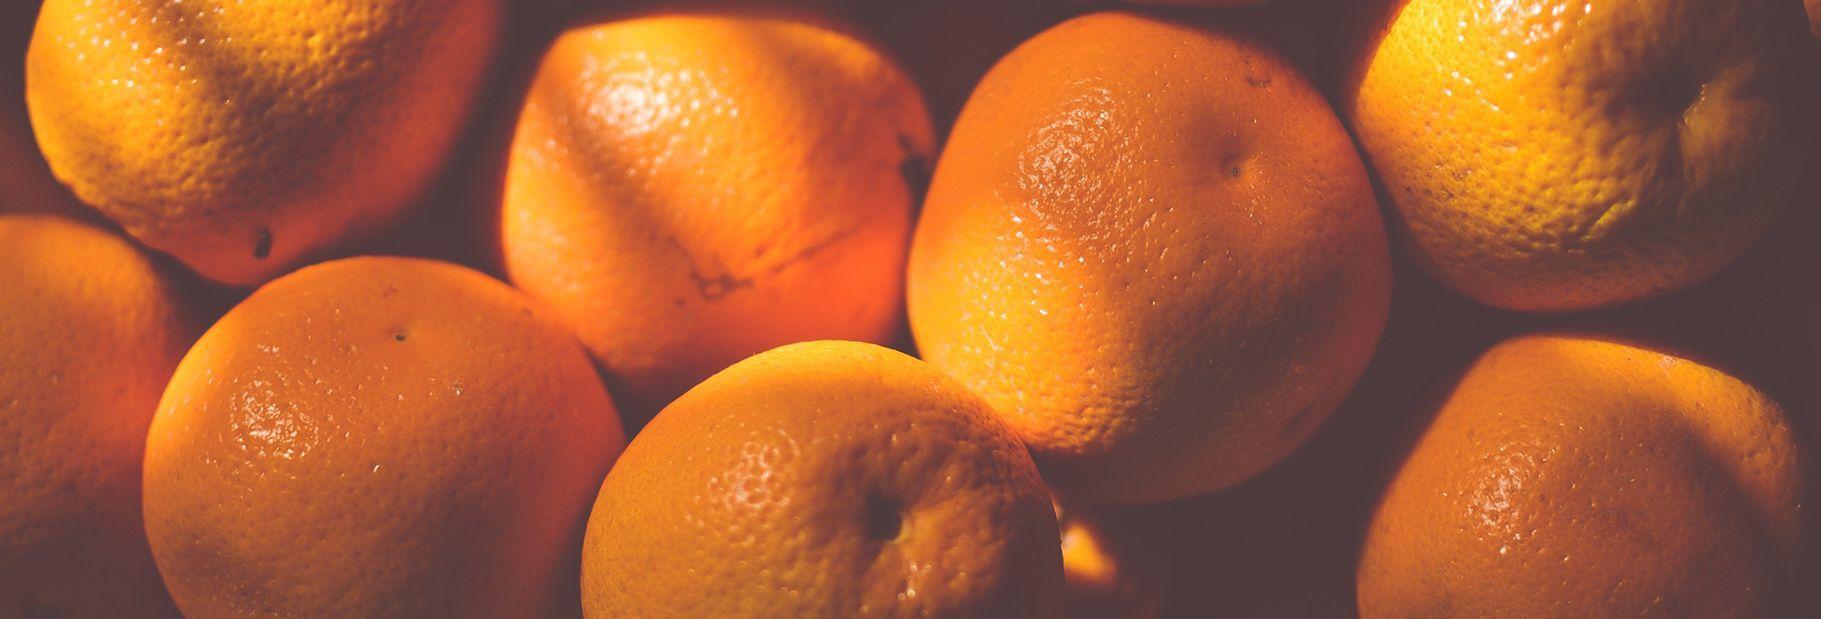 Exfoliante corporal para piel de naranja